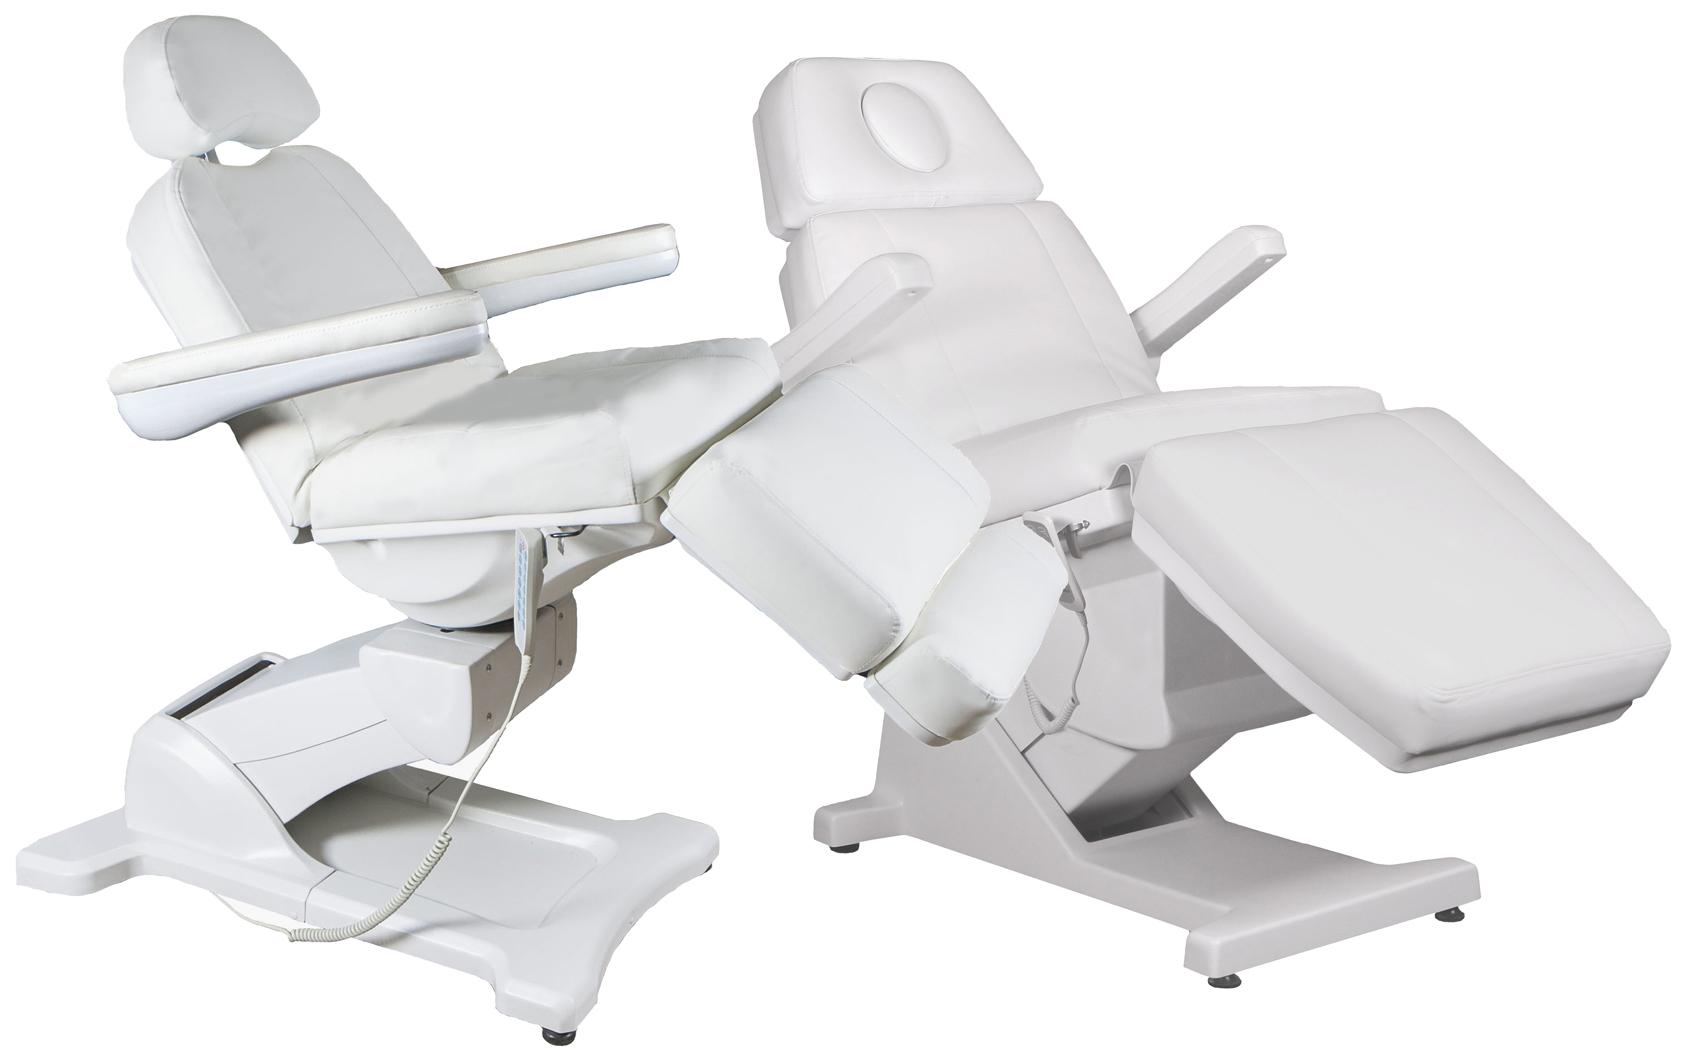 Elektrische Pedicure Stoel : Praktivak beauty stoelen behandelstoelen praktijk inrichting